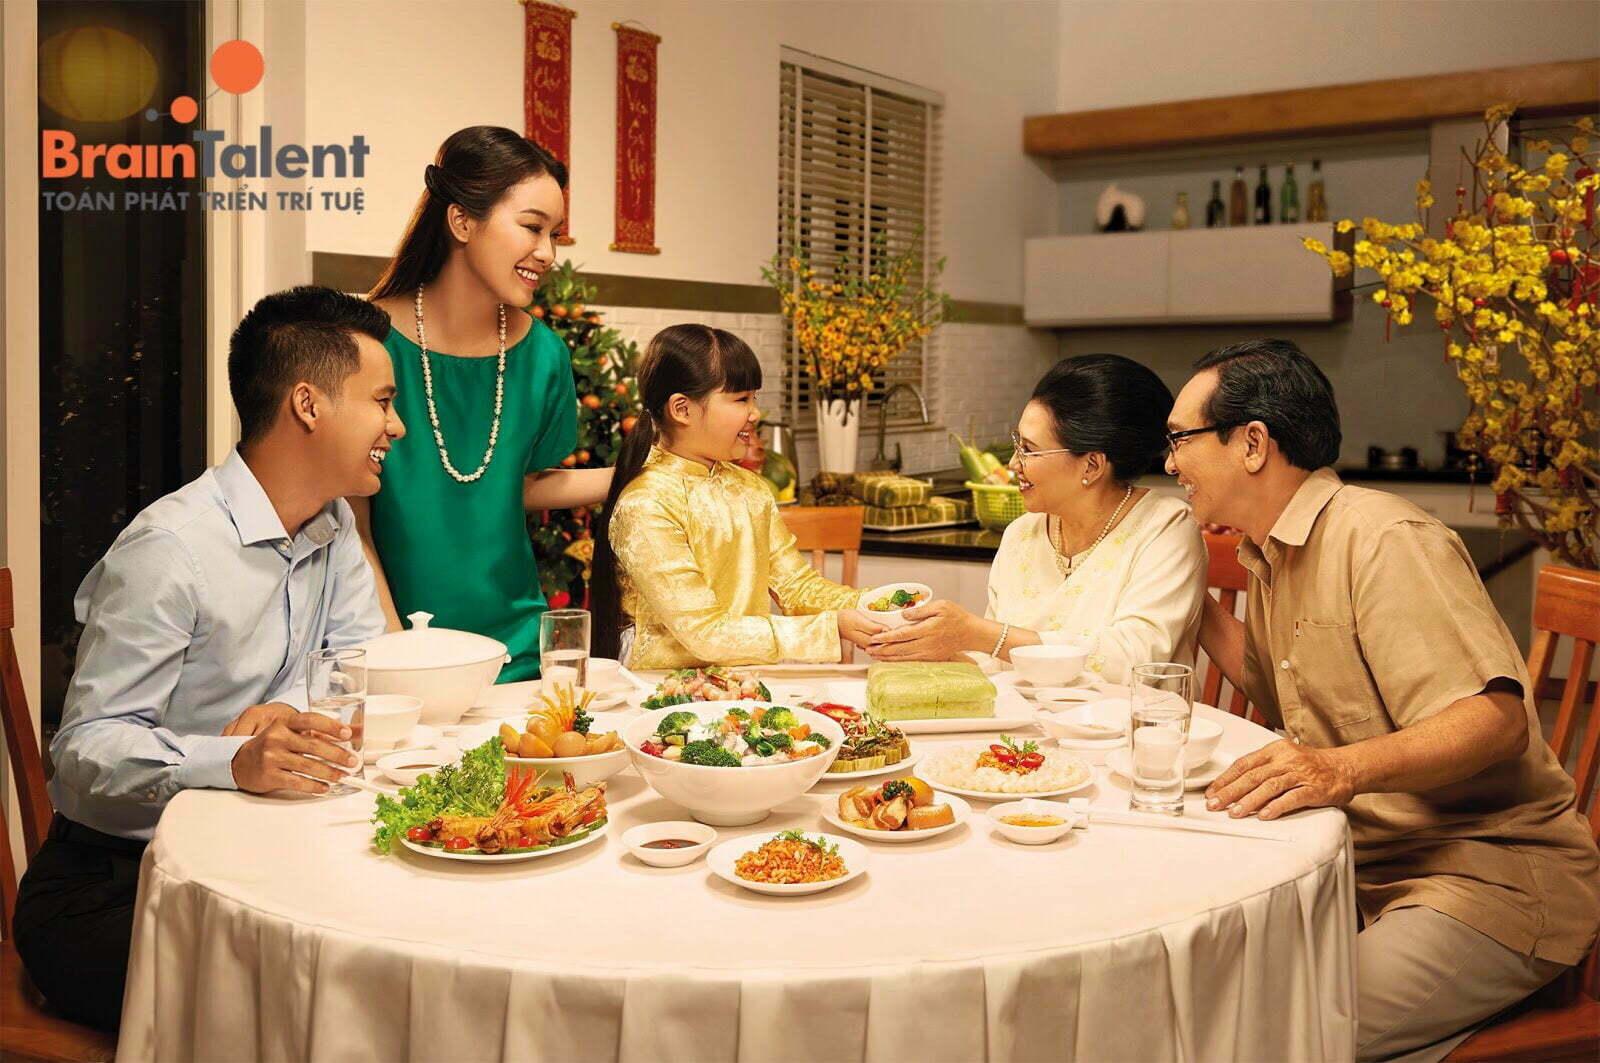 Bé 3 tuổi học gì? Chắc chắn không được bỏ sót thói quen mời người lớn ăn cơm. Đặc biệt là ông bà, cha mẹ.